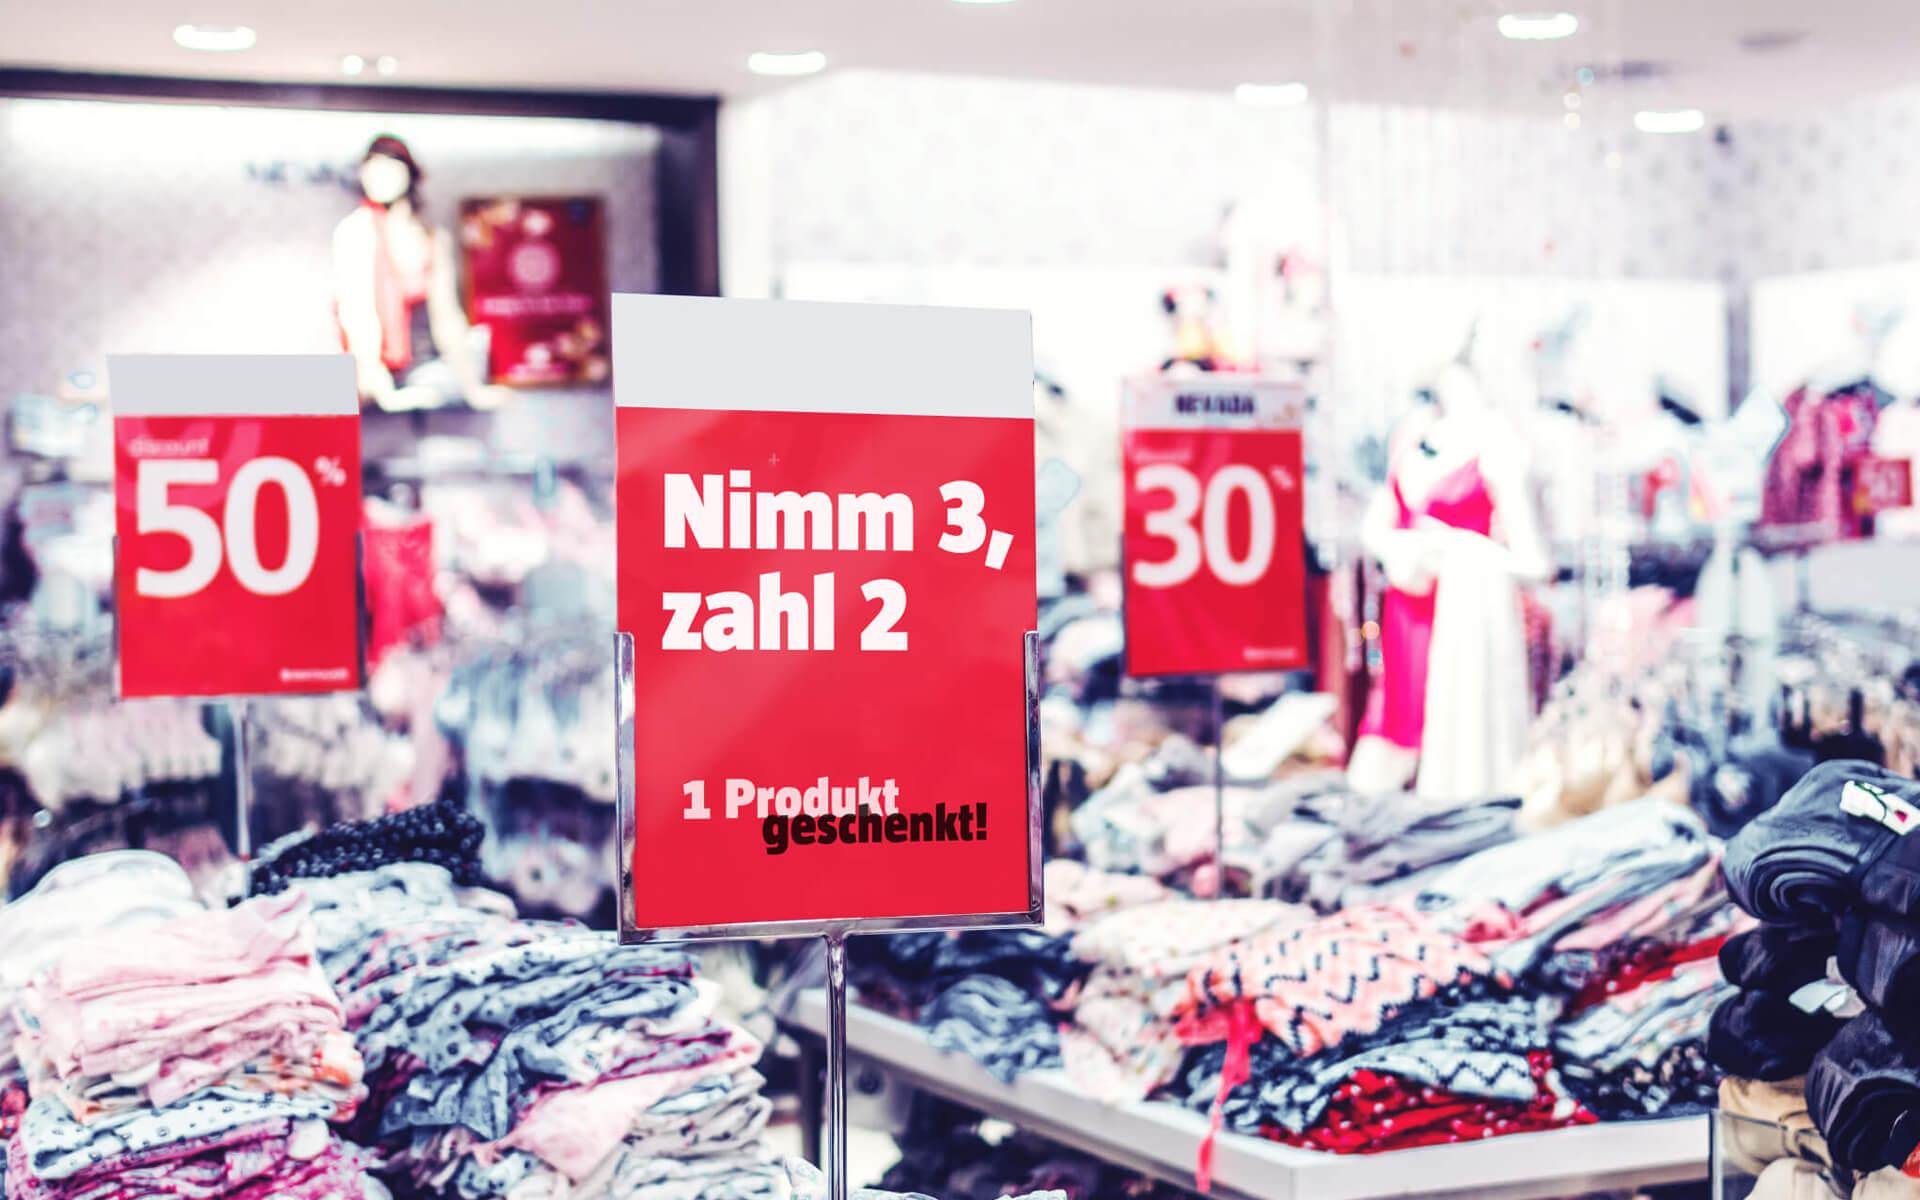 Nimm 3, zahl 2 – Der Ankereffekt im Retail